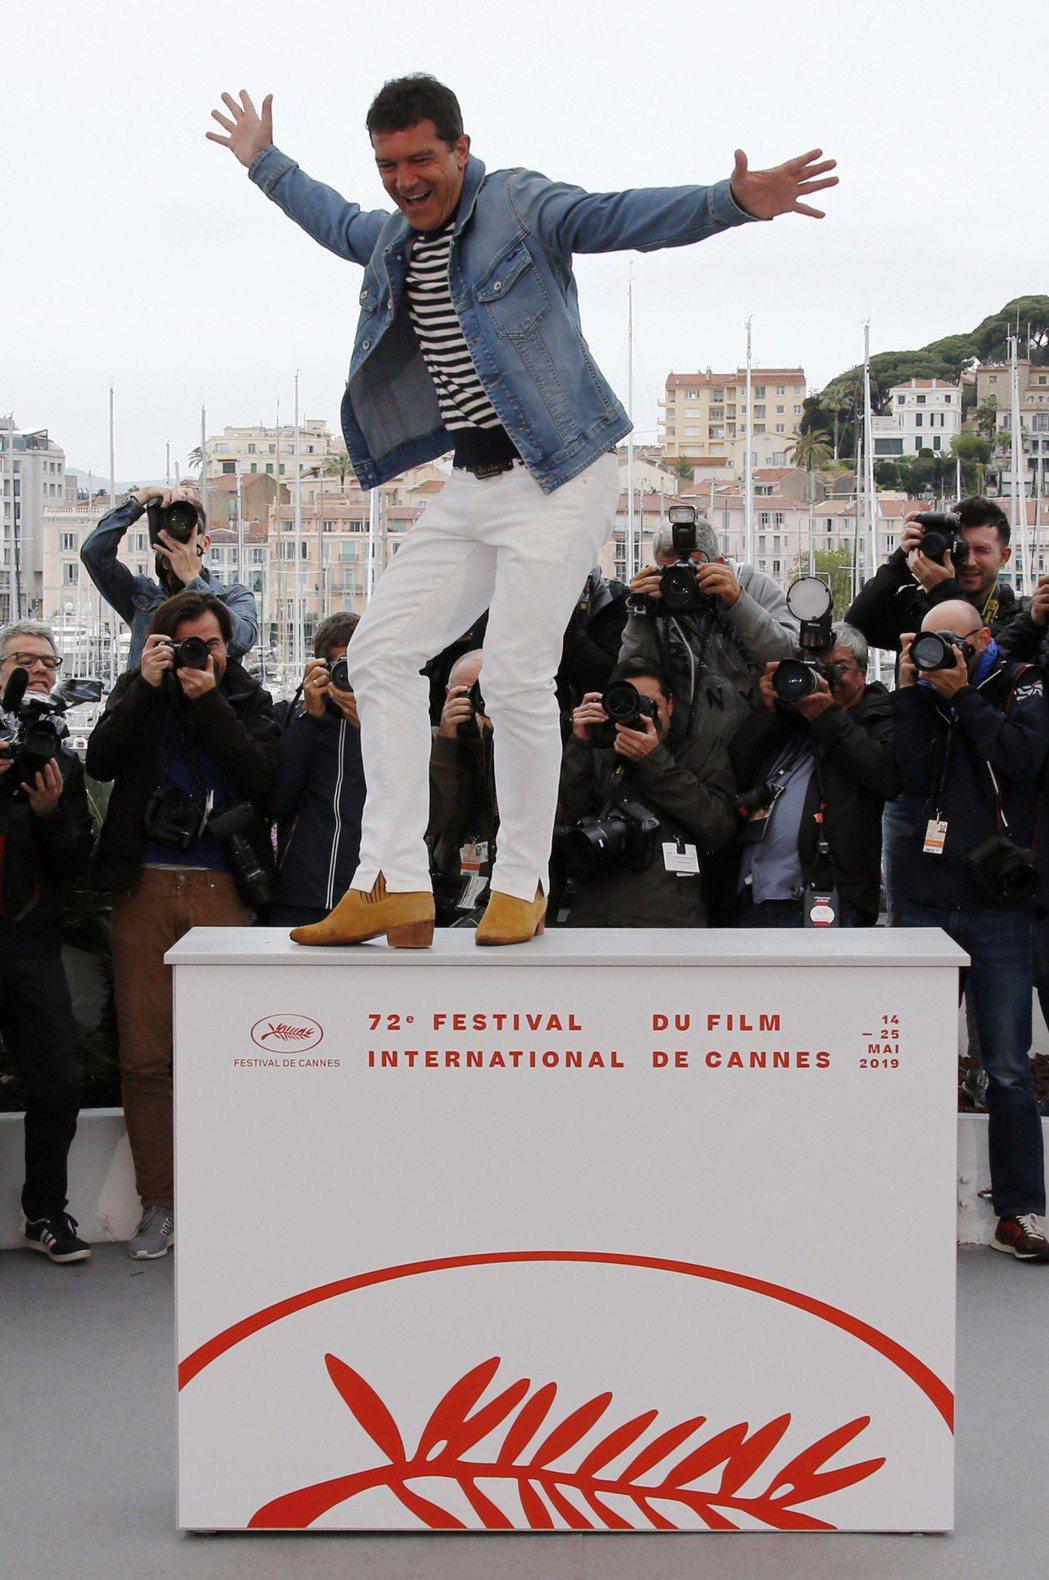 安東尼奧班德拉斯活力不減,跳上講台展現帥氣舞姿。 圖/路透